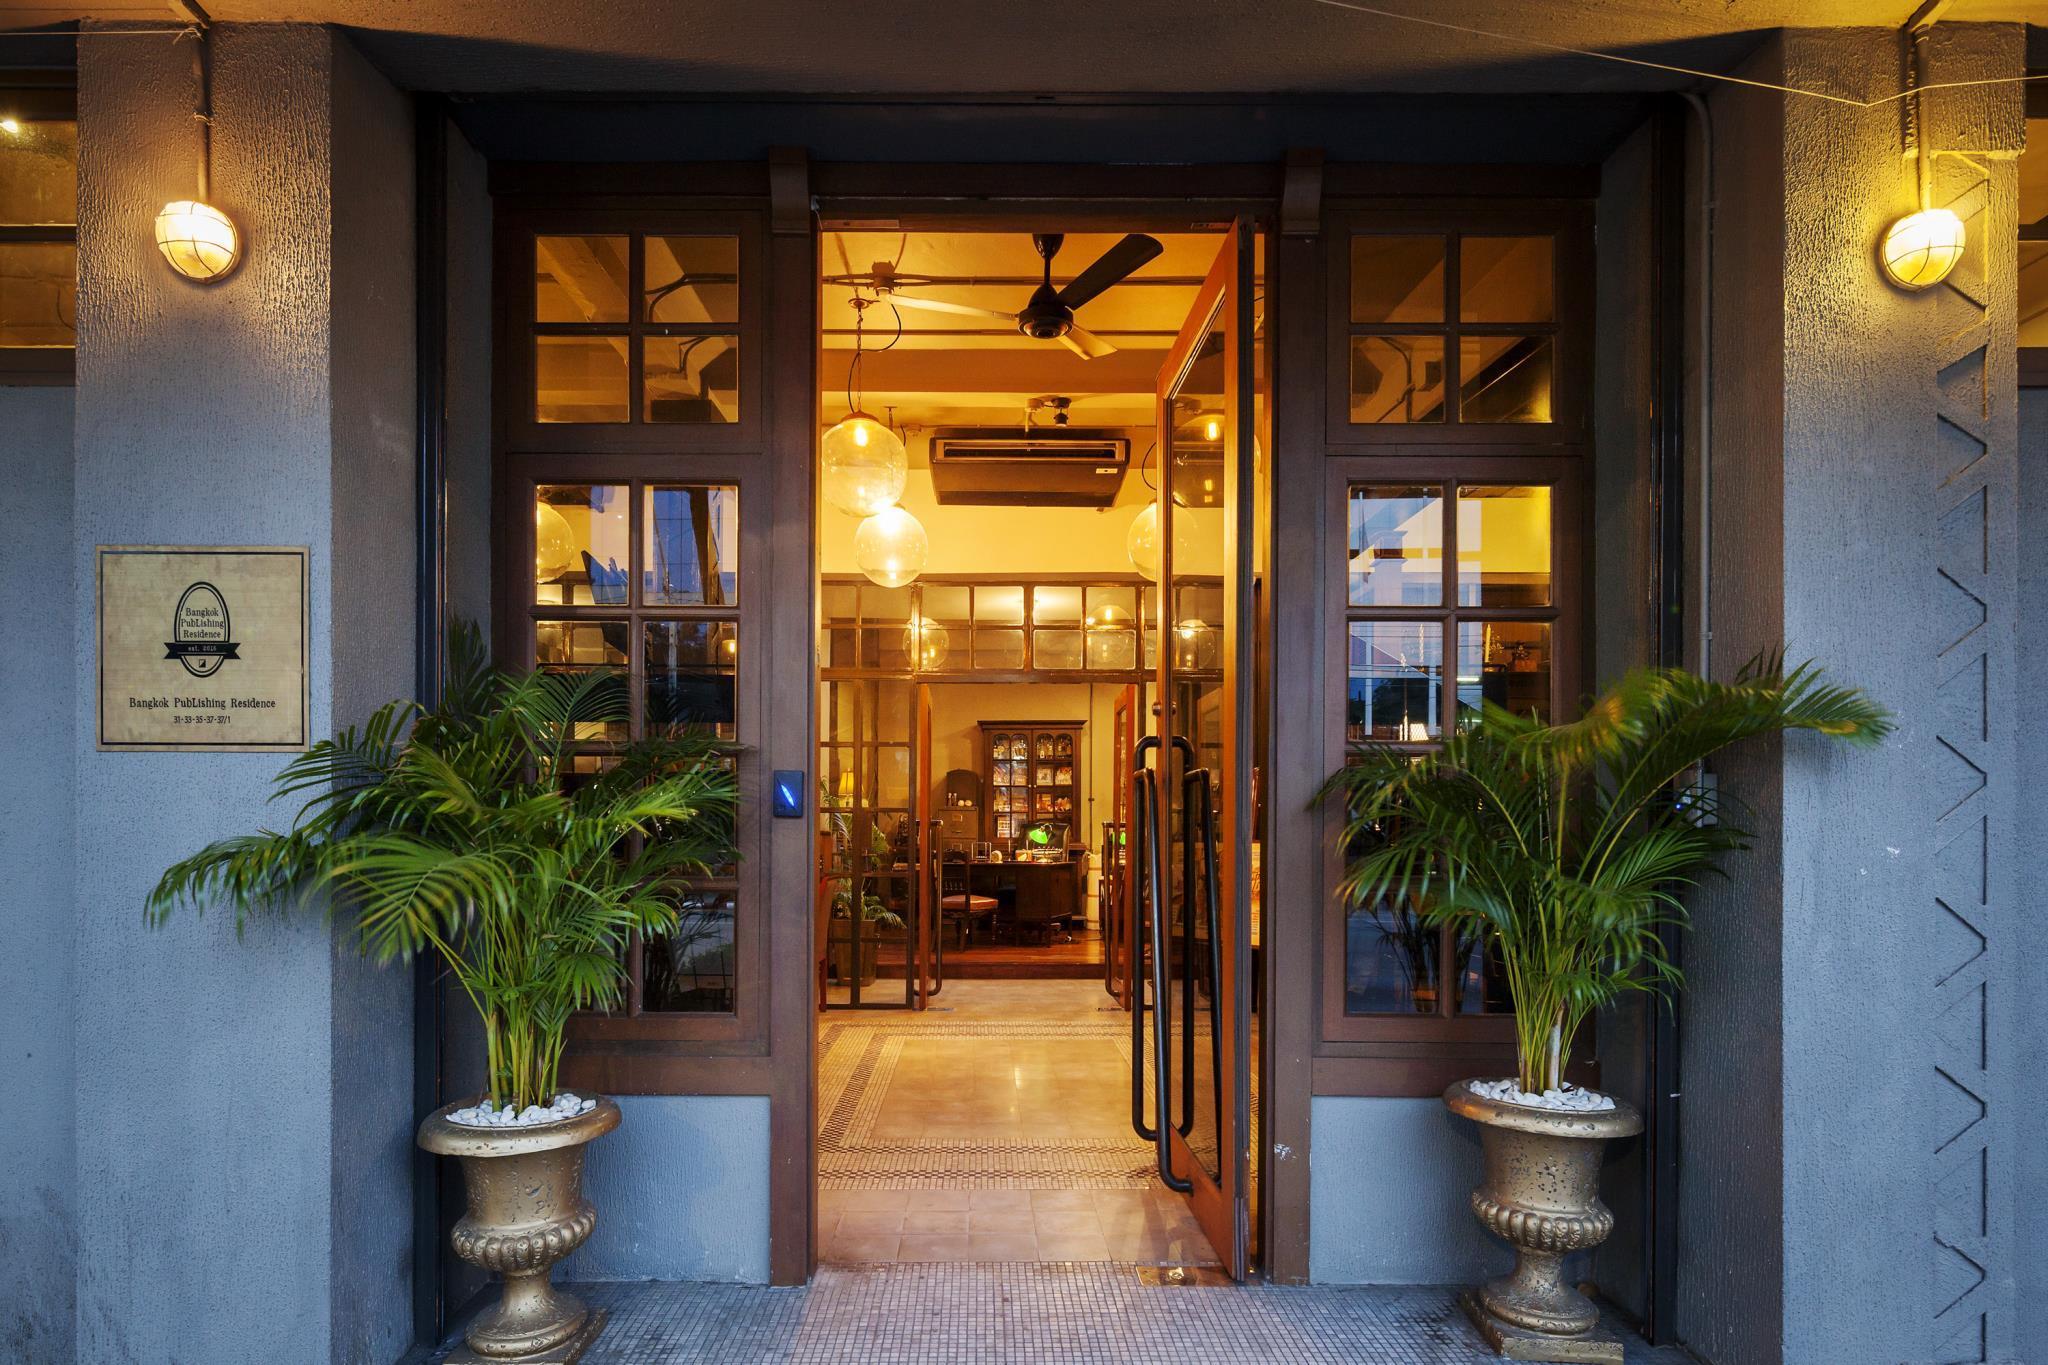 Bangkok Publishing Residence Bangkok Thailand Hotels Hotel